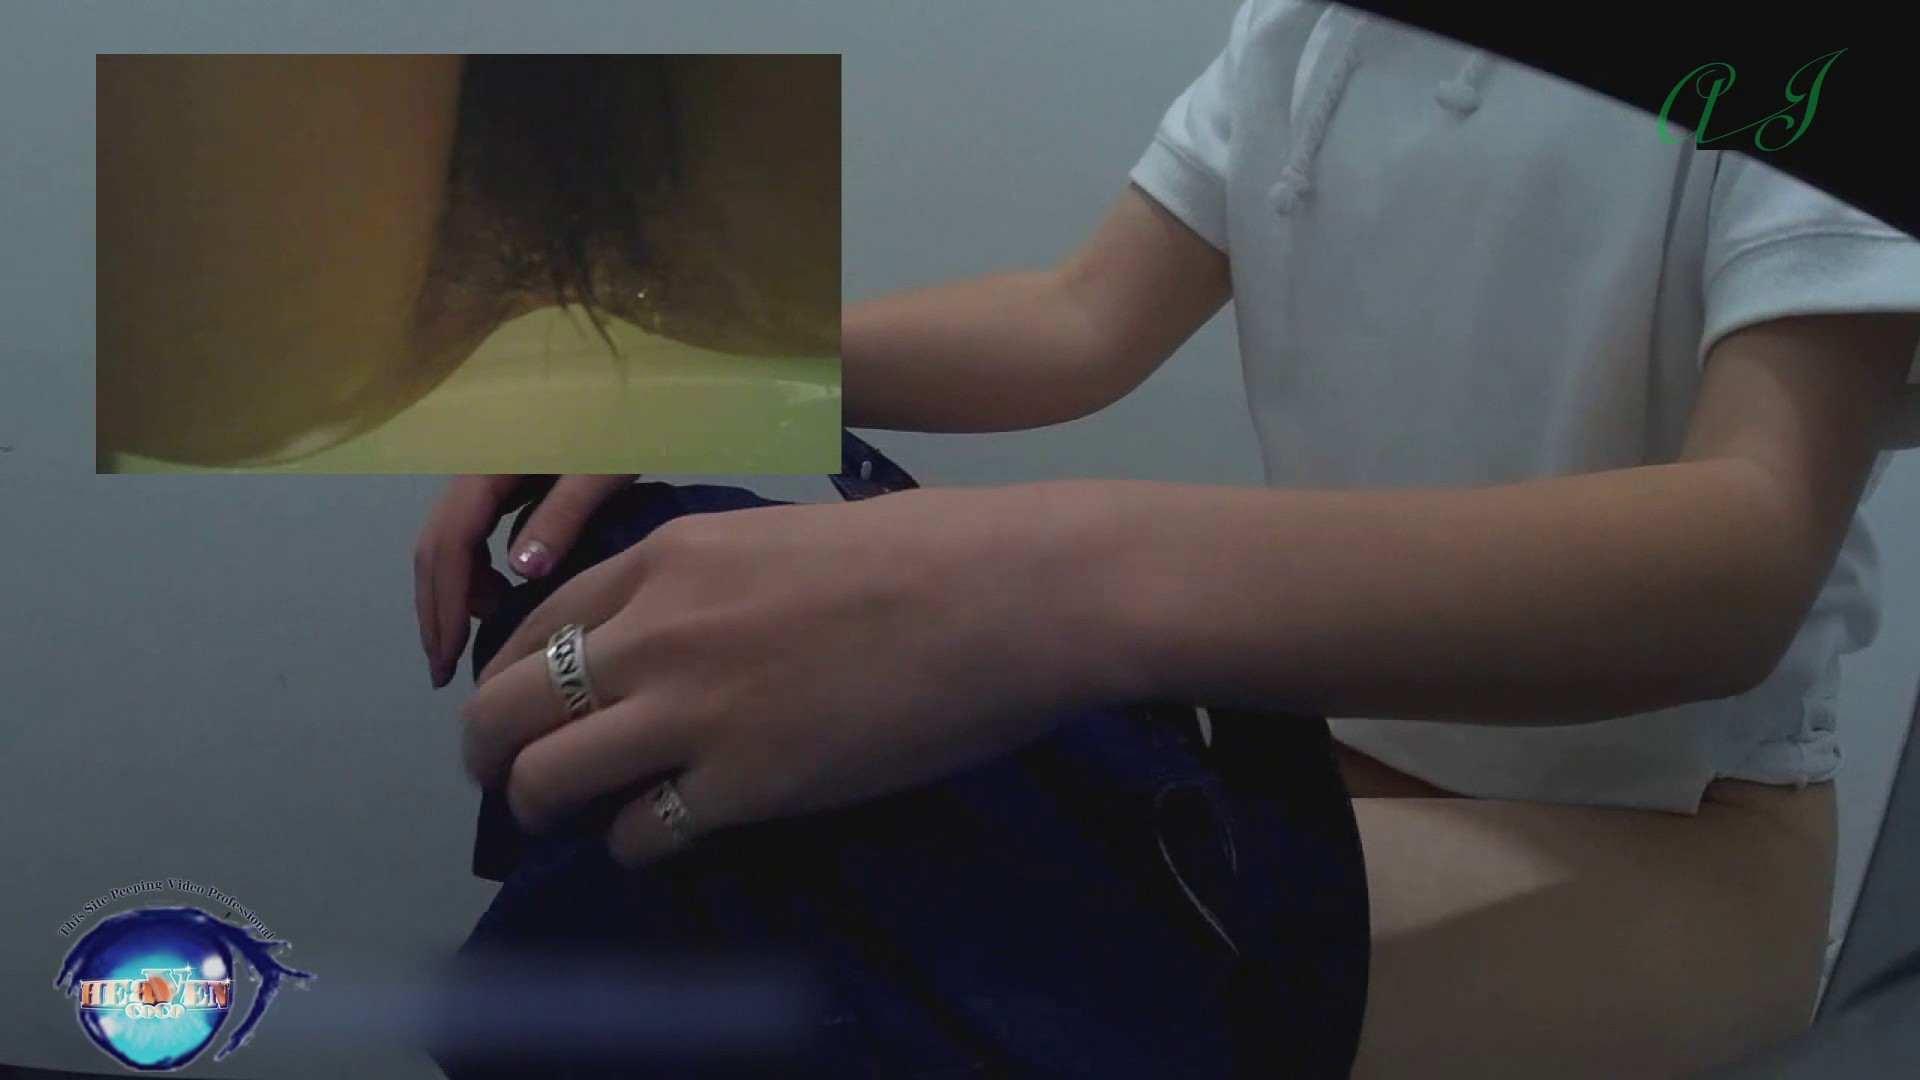 有名大学女性洗面所 vol.71 美女学生さんの潜入盗撮!後編 美女まとめ ヌード画像 102PIX 34